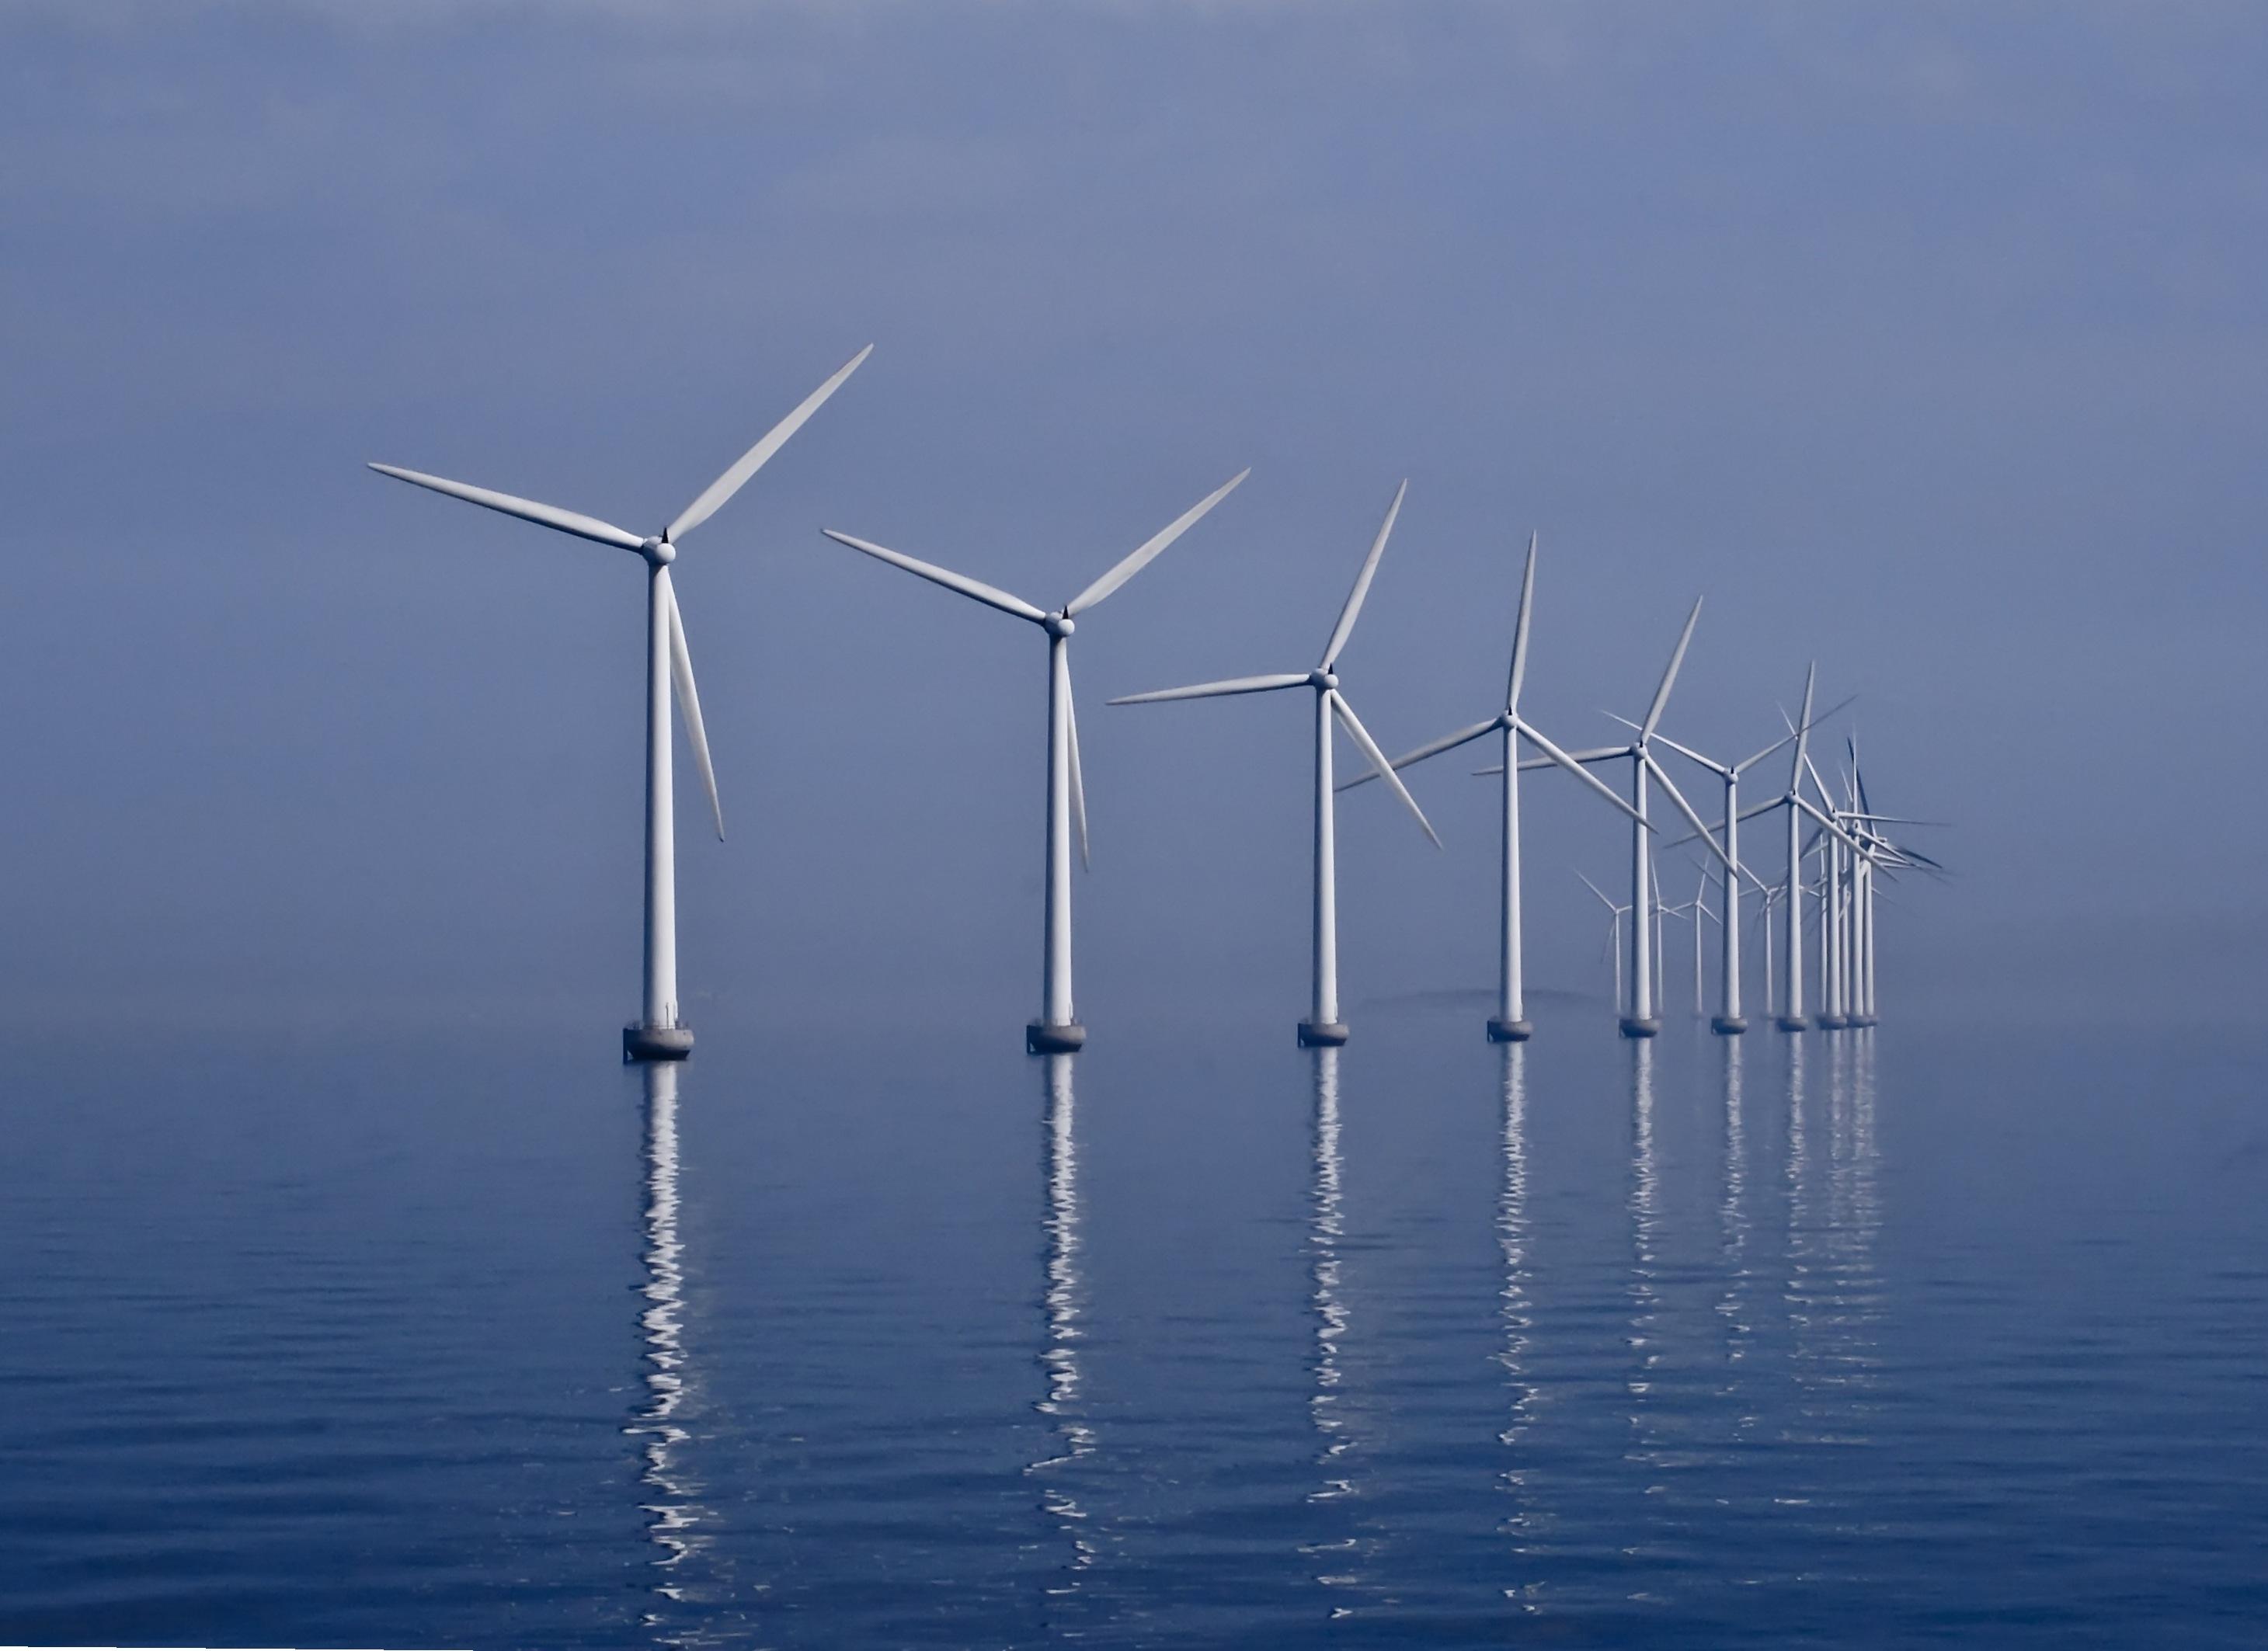 Waarom windmolens drie bladen hebben